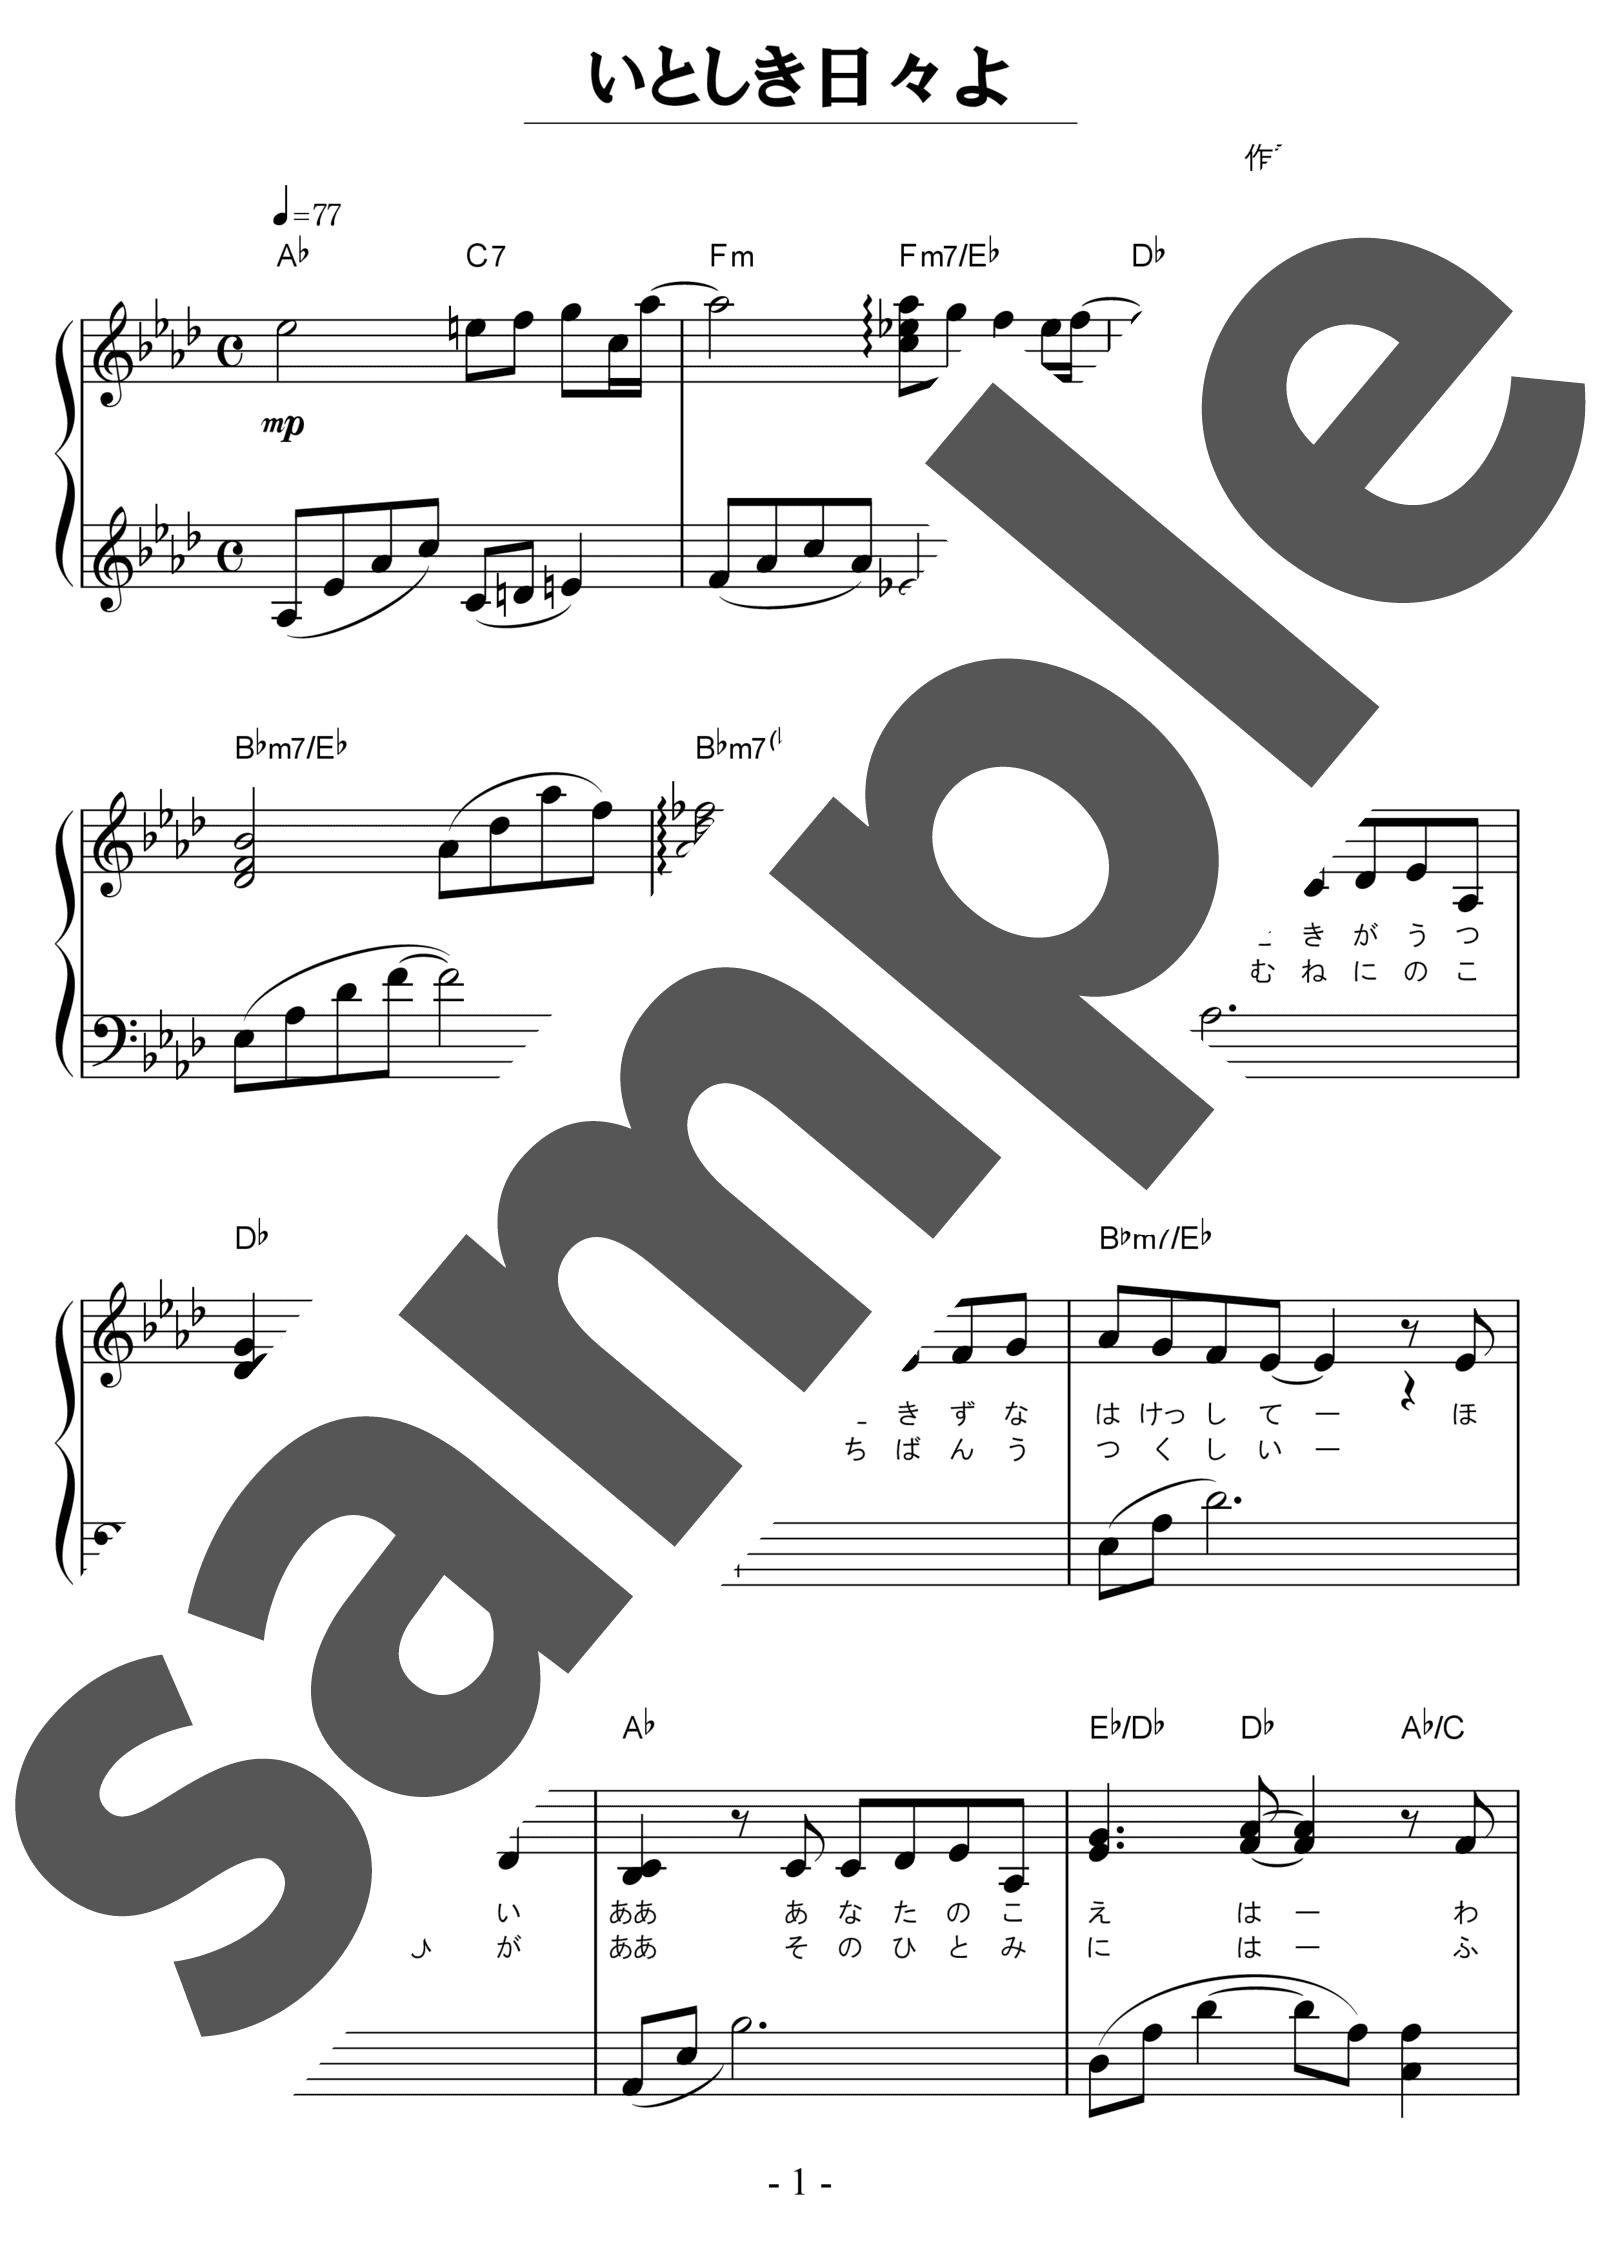 「いとしき日々よ」のサンプル楽譜